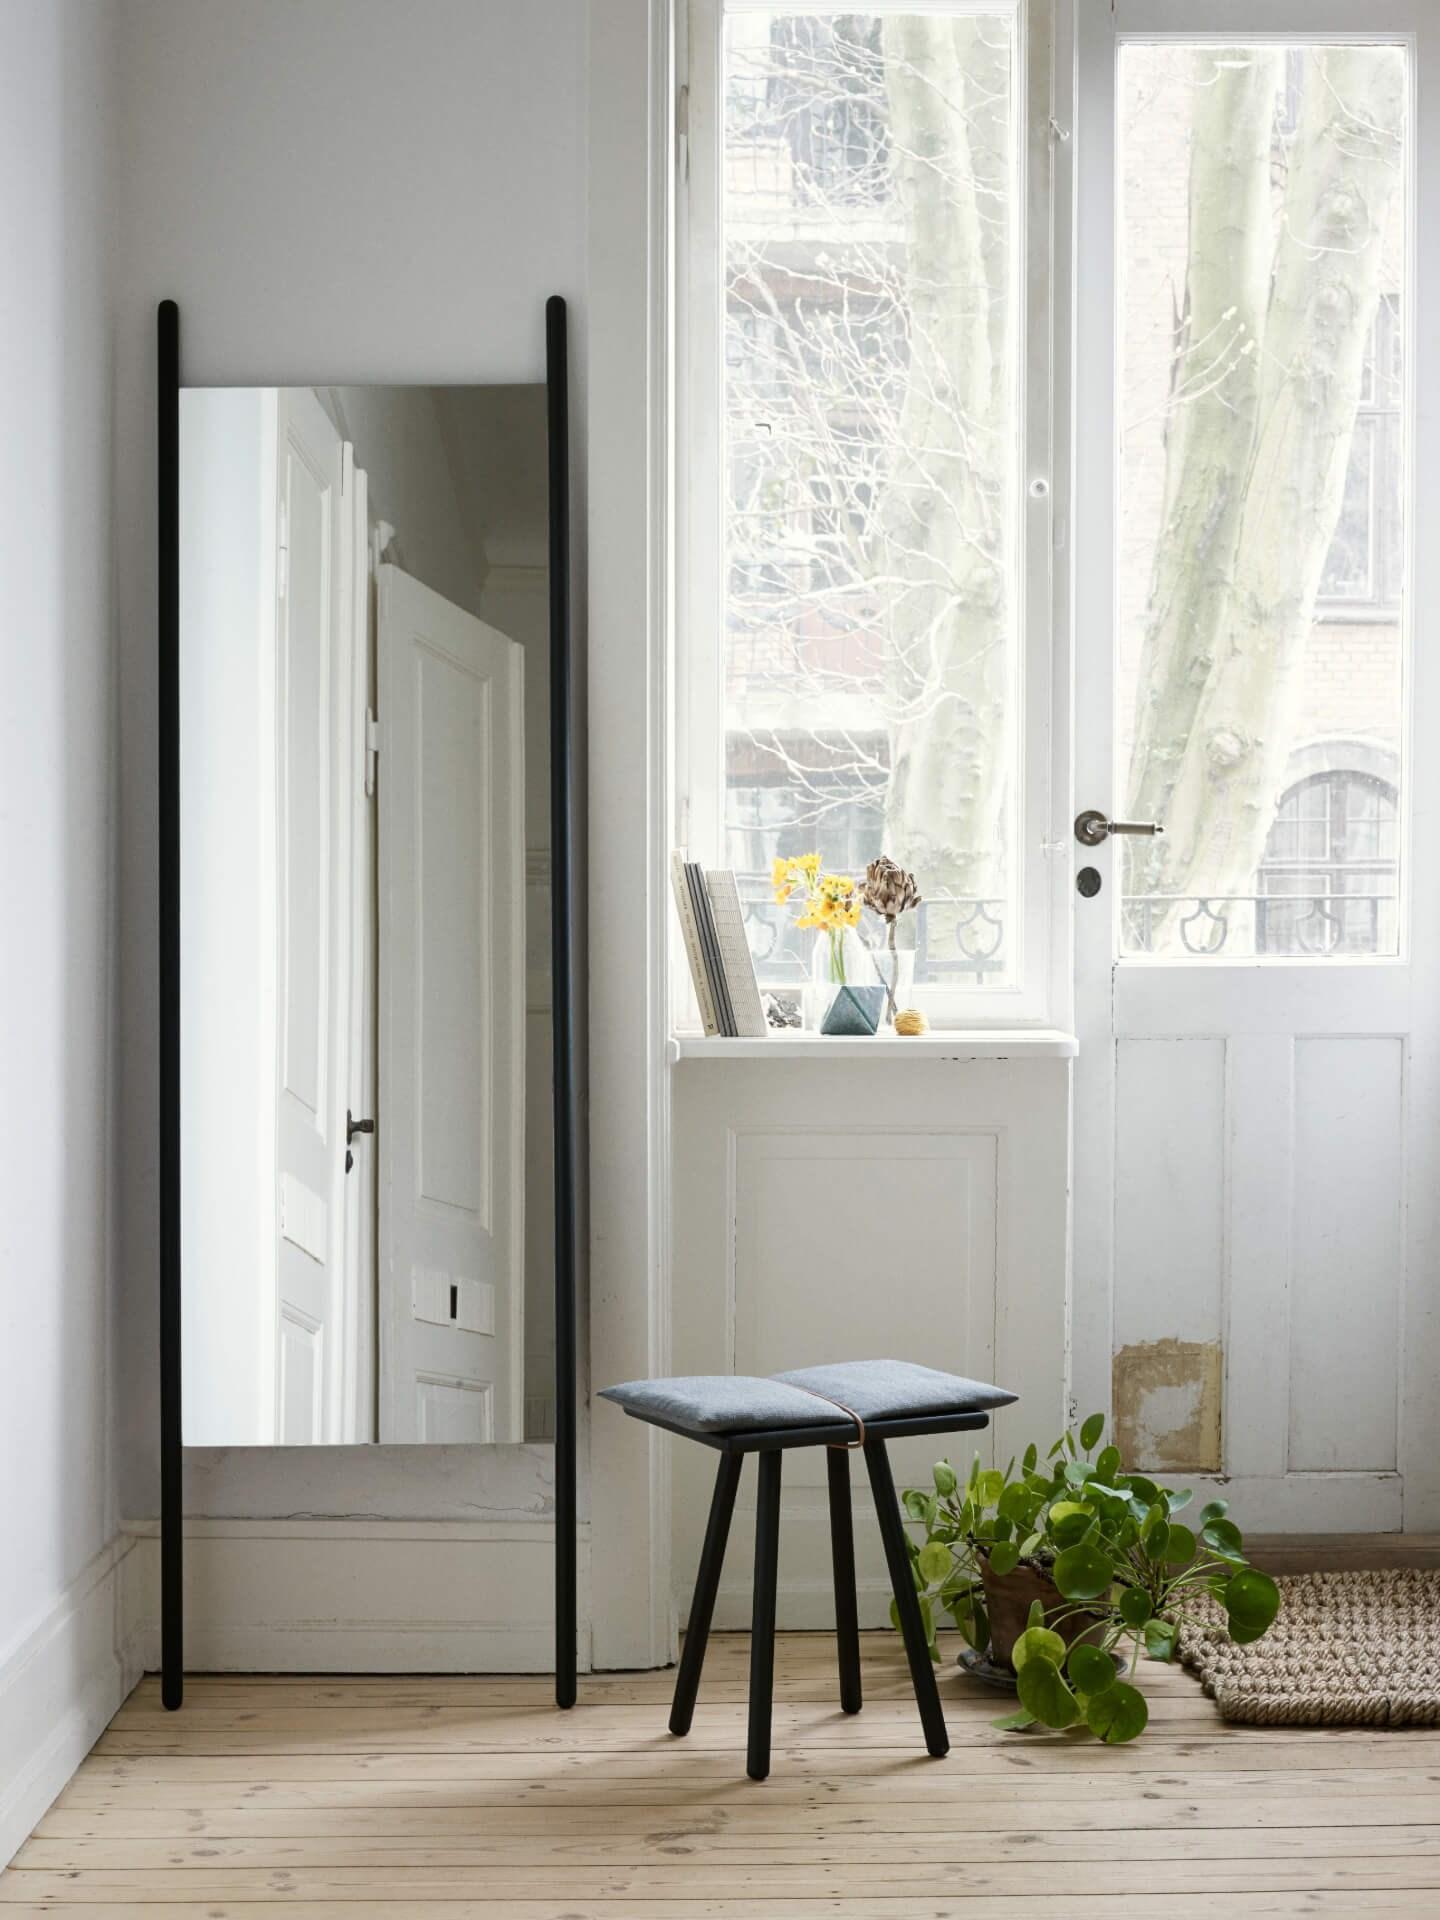 Miljøbilde speil i eik. Georg mirror fra Skagerak i sortmalt eik. Lyse vegger og grønn plante ved store vinduer.